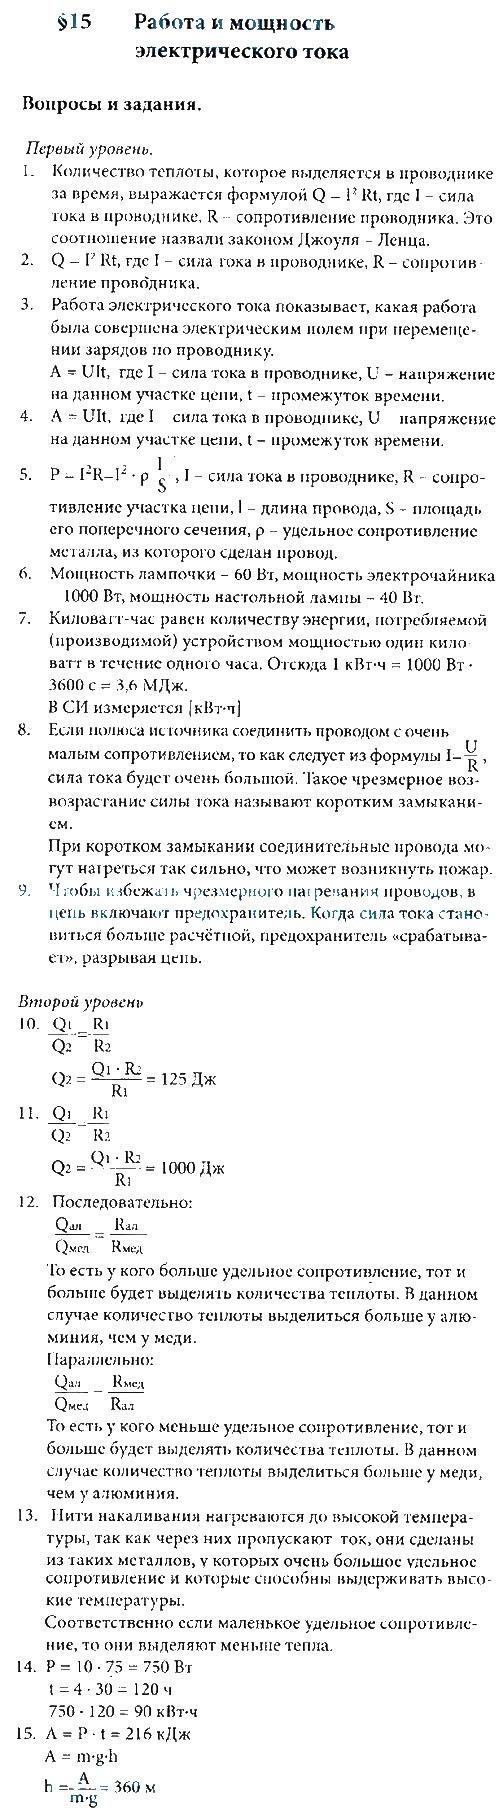 Гдз по физике за 7 класс генденштейн кайдалов